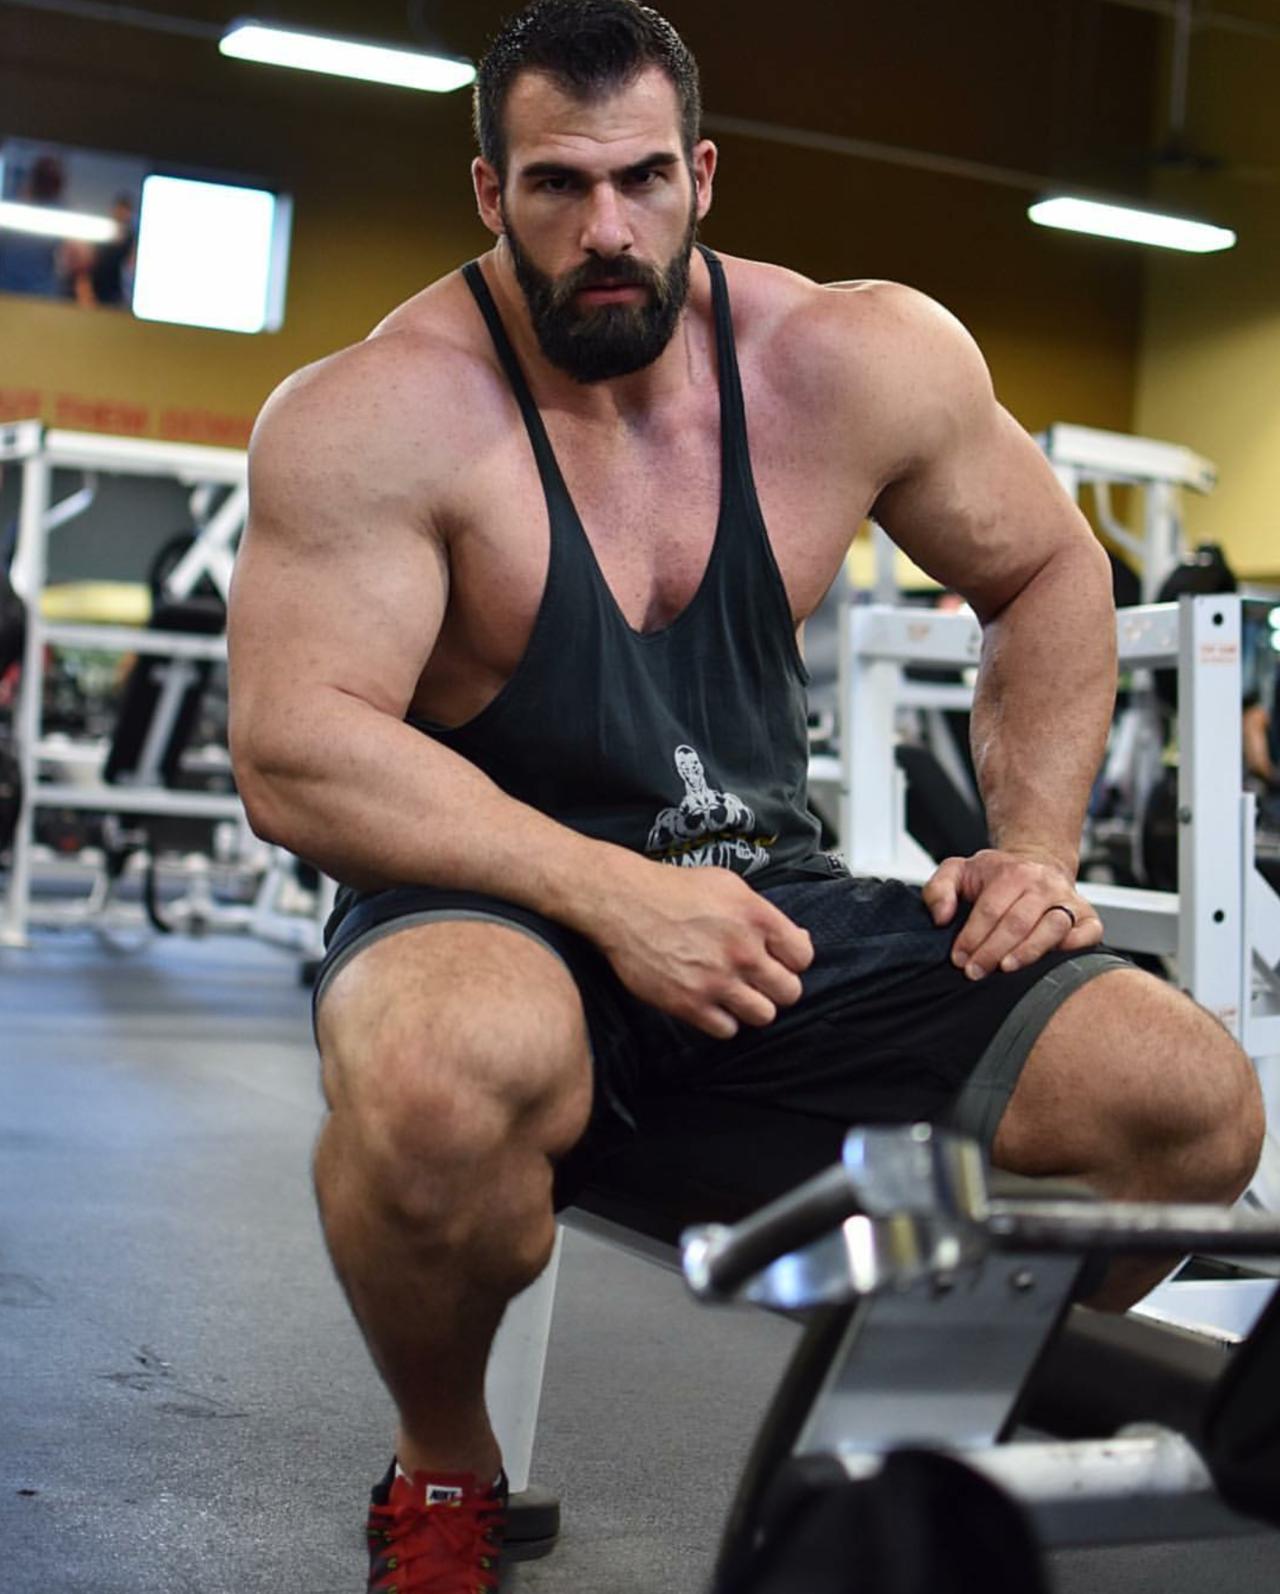 Muscular men, Muscle, Muscle men